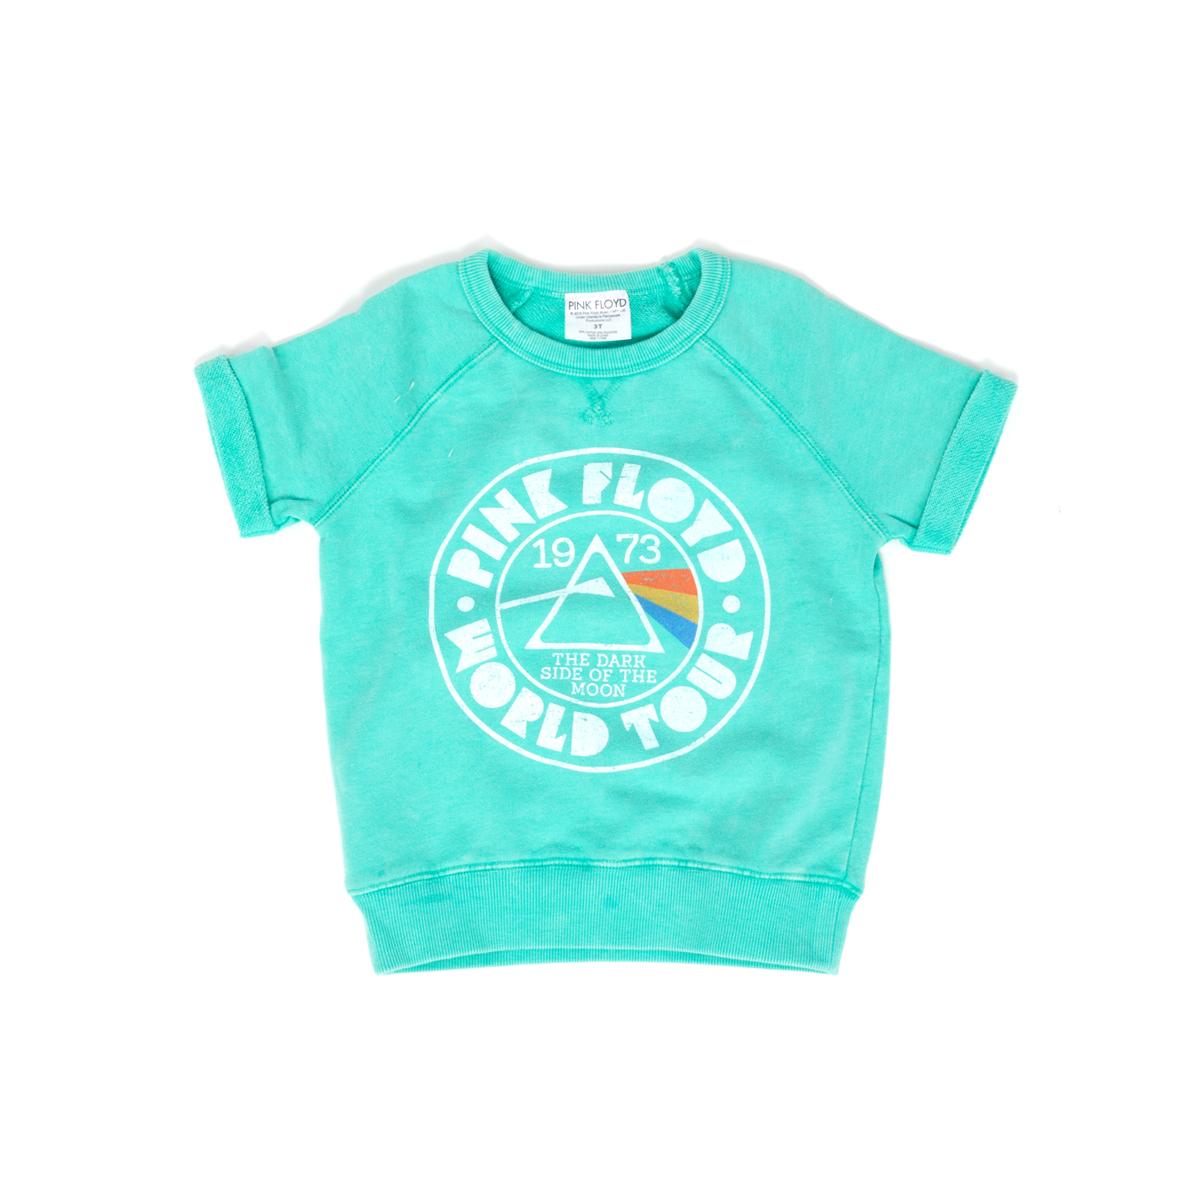 Pink Floyd 1973 Teal Kids Sweatshirt